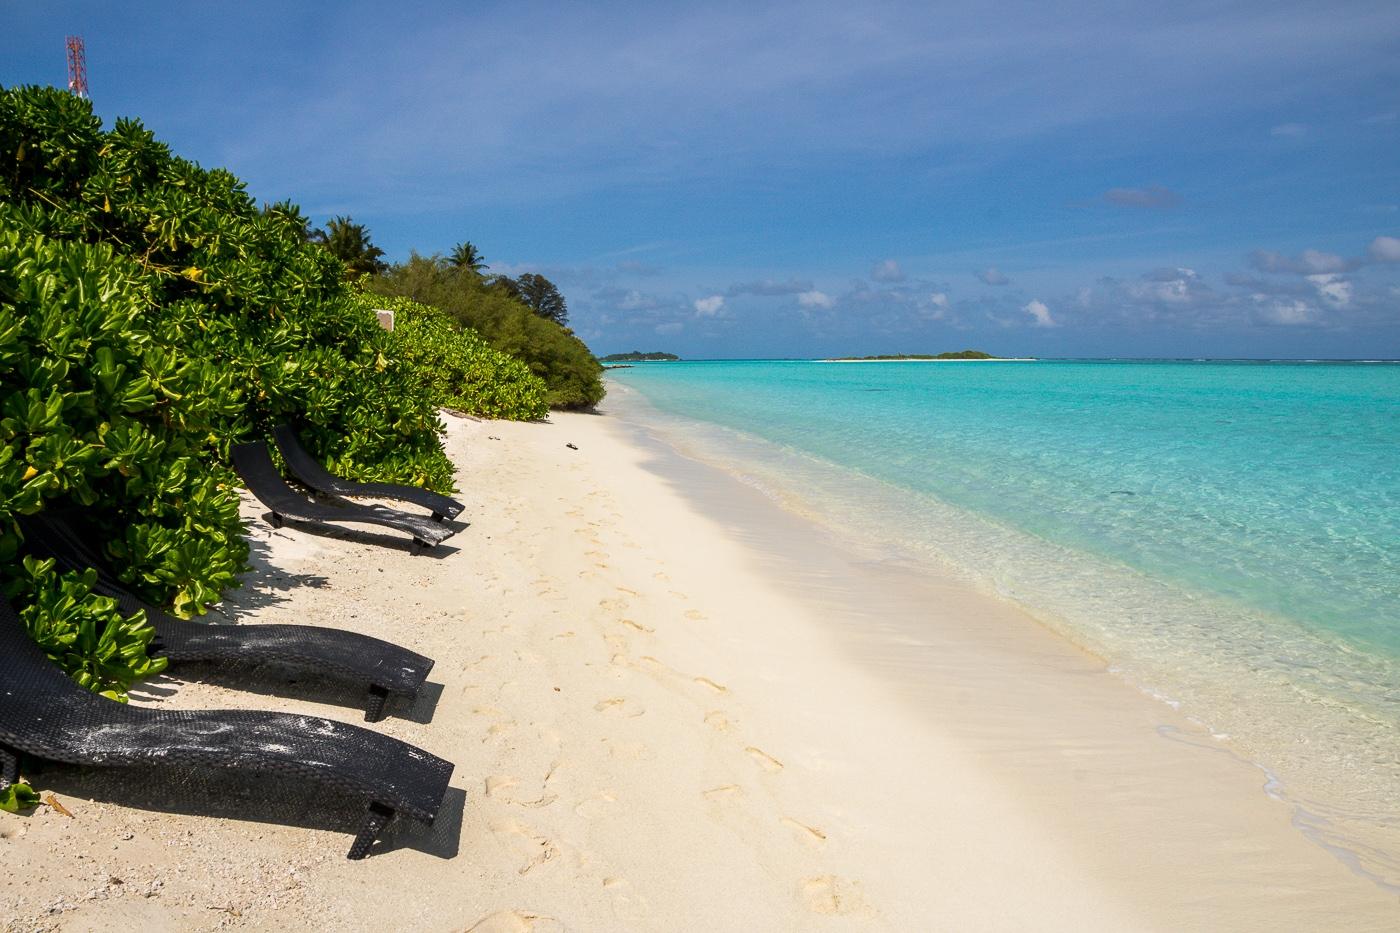 Cada alojamiento tiene varias tumbonas en la bikini beach, Mathiveri